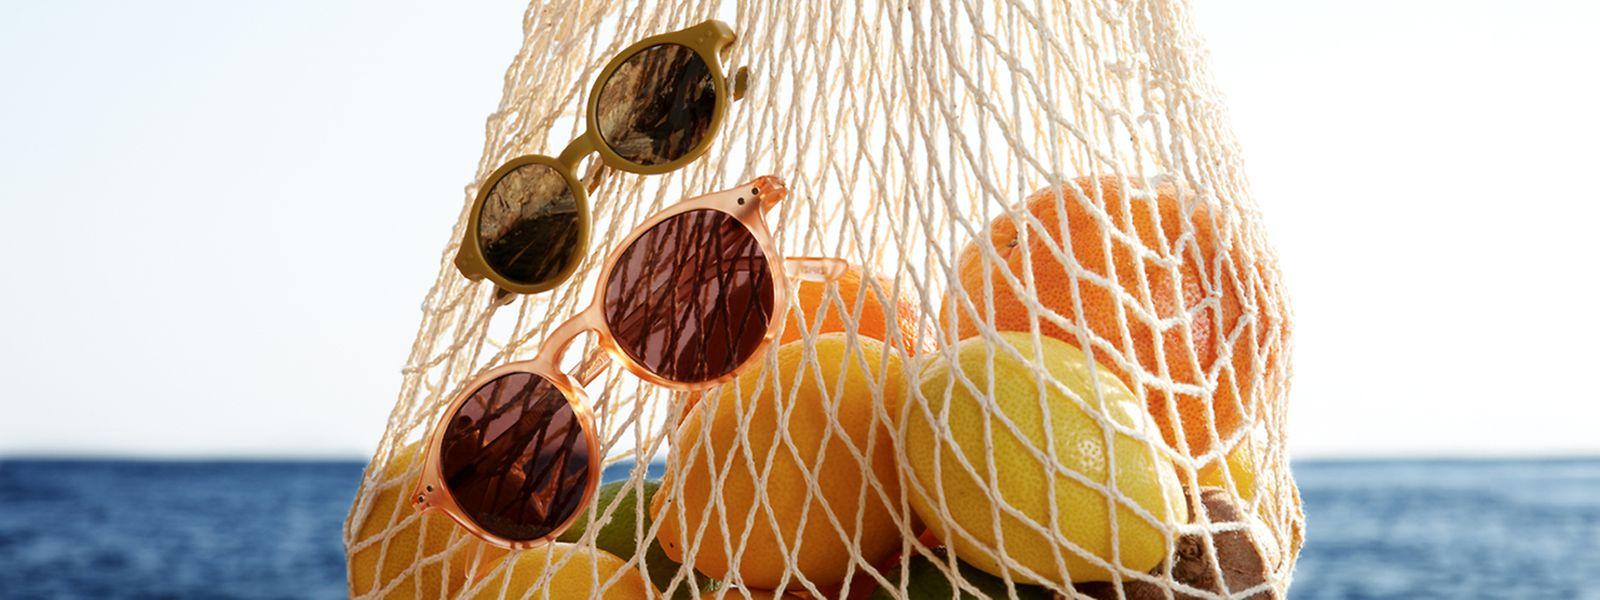 """Kunterbunter Schutz für die Augen: Sonnenbrillen mit runder Fassung aus der """"Glazed Ice""""-Kollektion von Izipizi, jeweils um 40 Euro."""